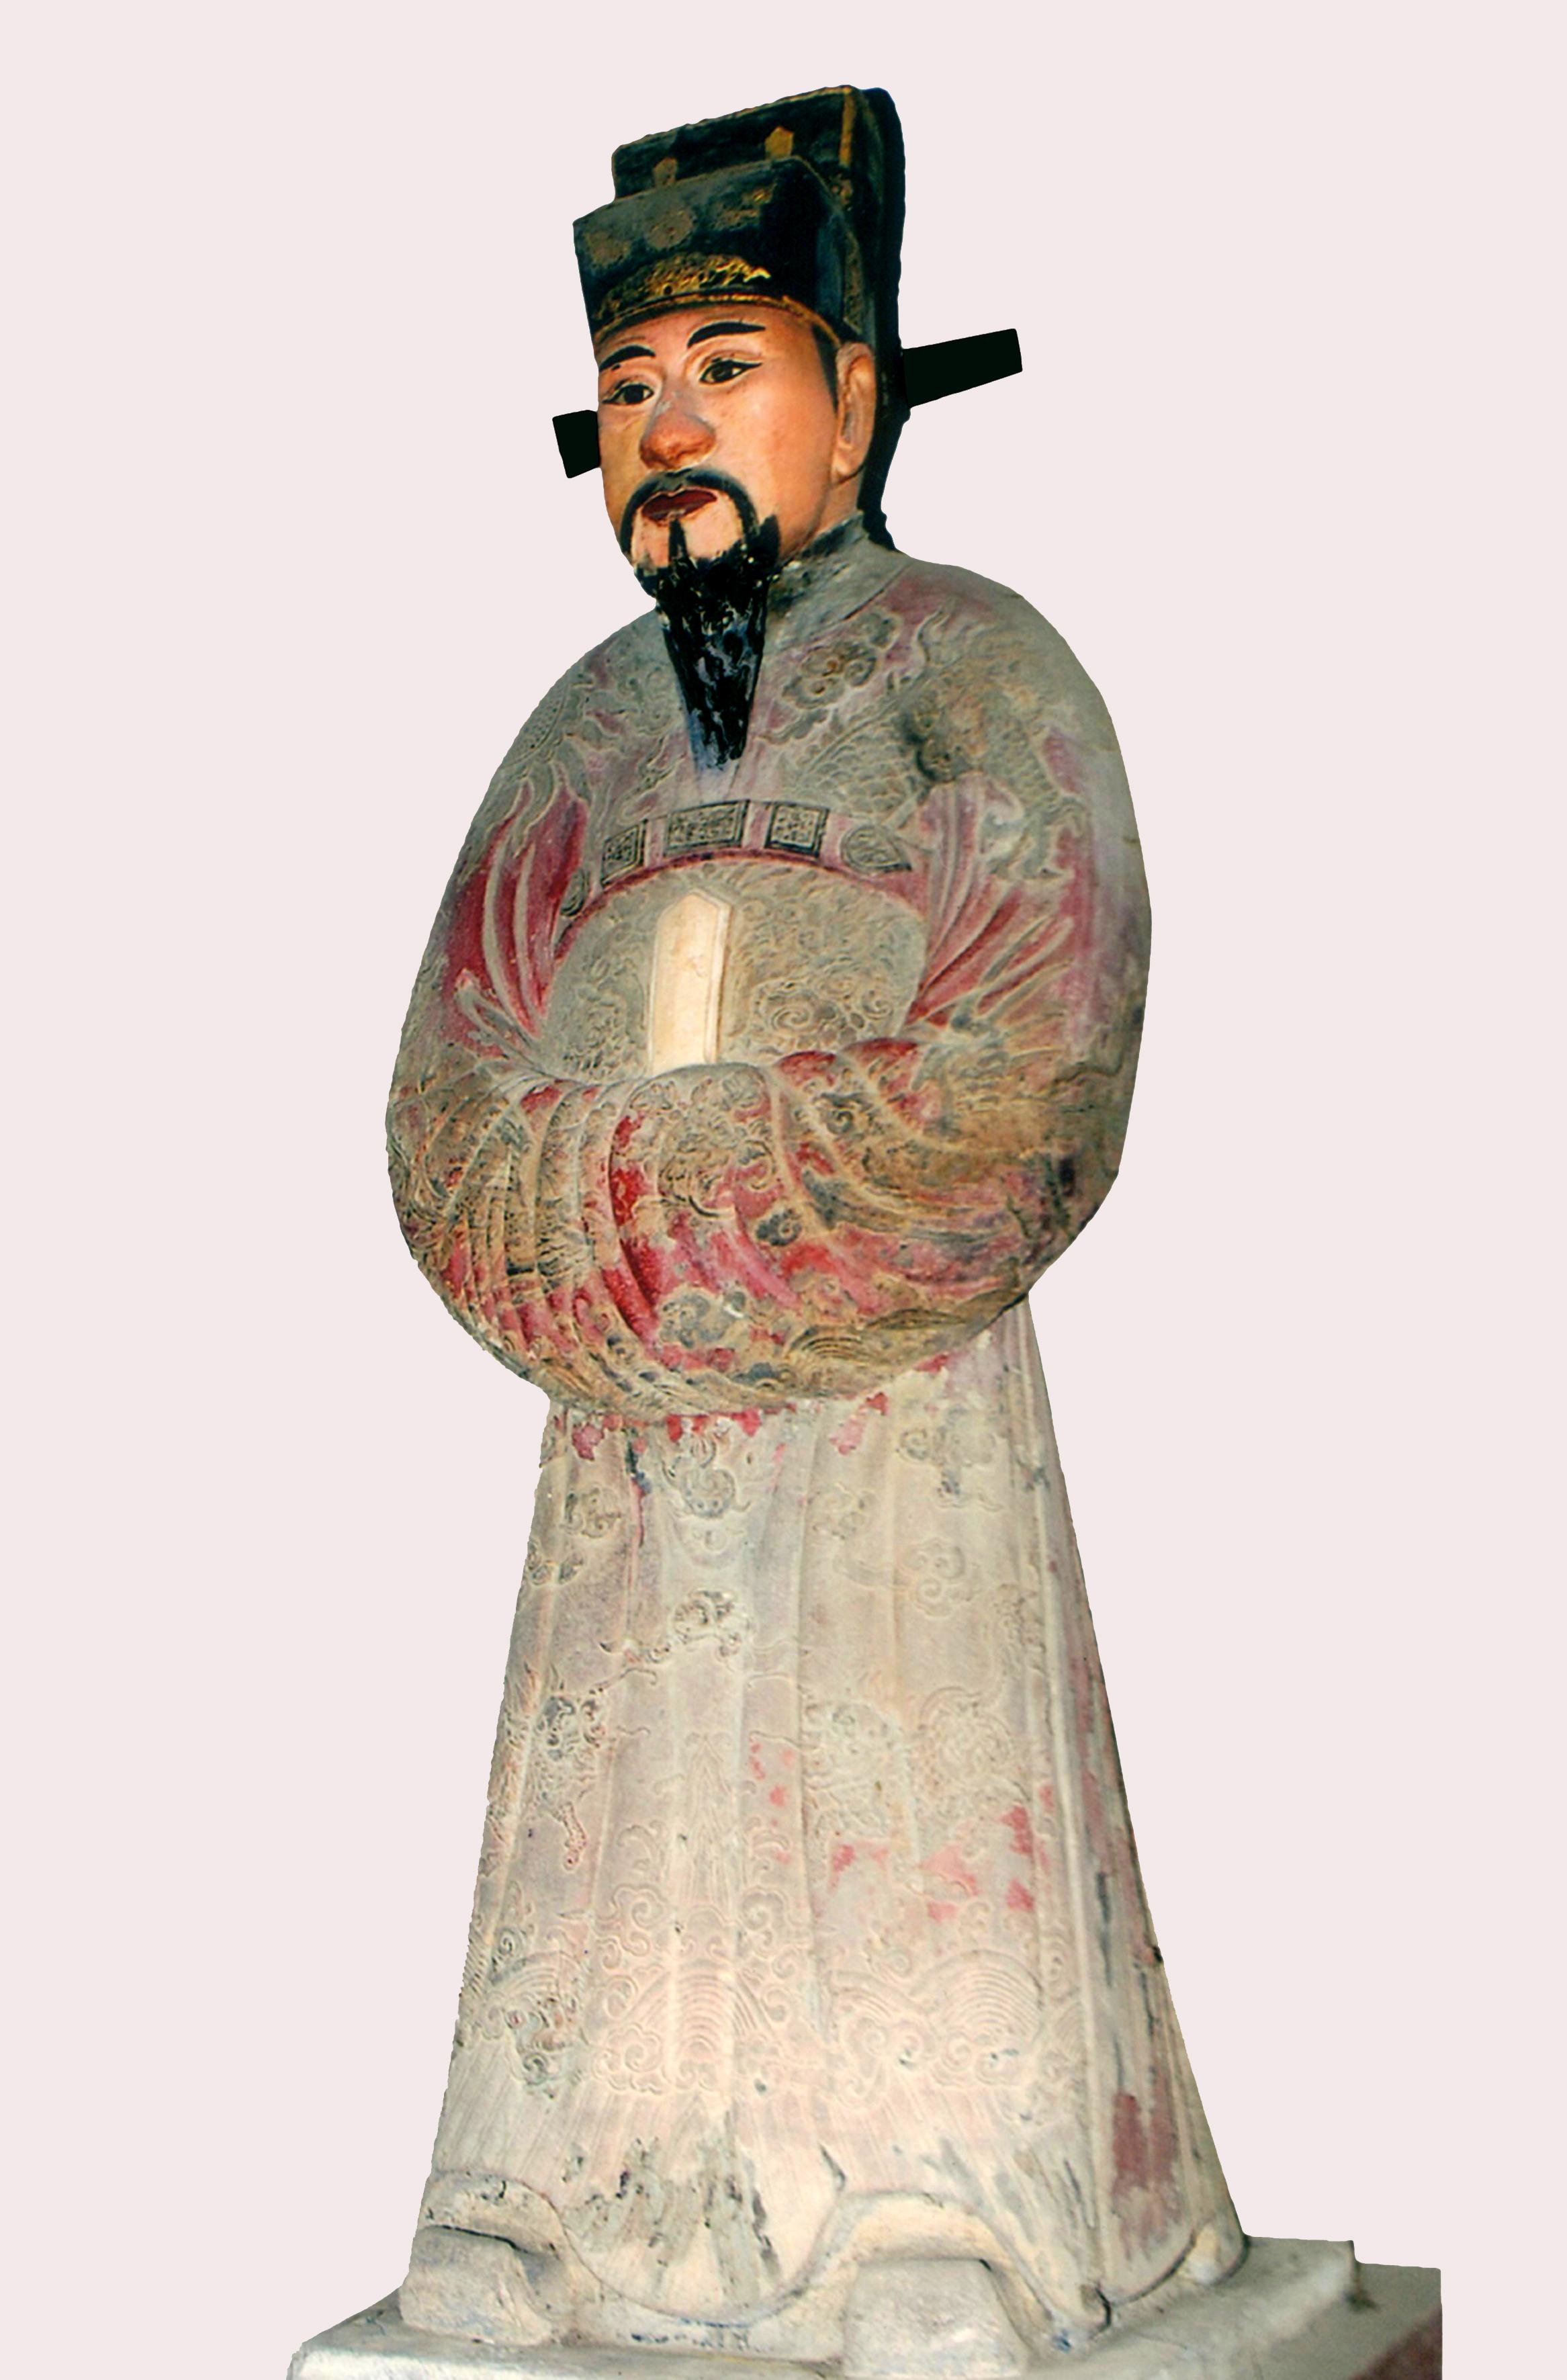 Tượng Tiền Quân Nguyễn Văn Thành Được Tôn Trí Thờ Vào Tháng 5 Năm Gia Long  Thứ 16 (1817) Tại Một Ngôi Miếu Thuộc Đại Nội Huế